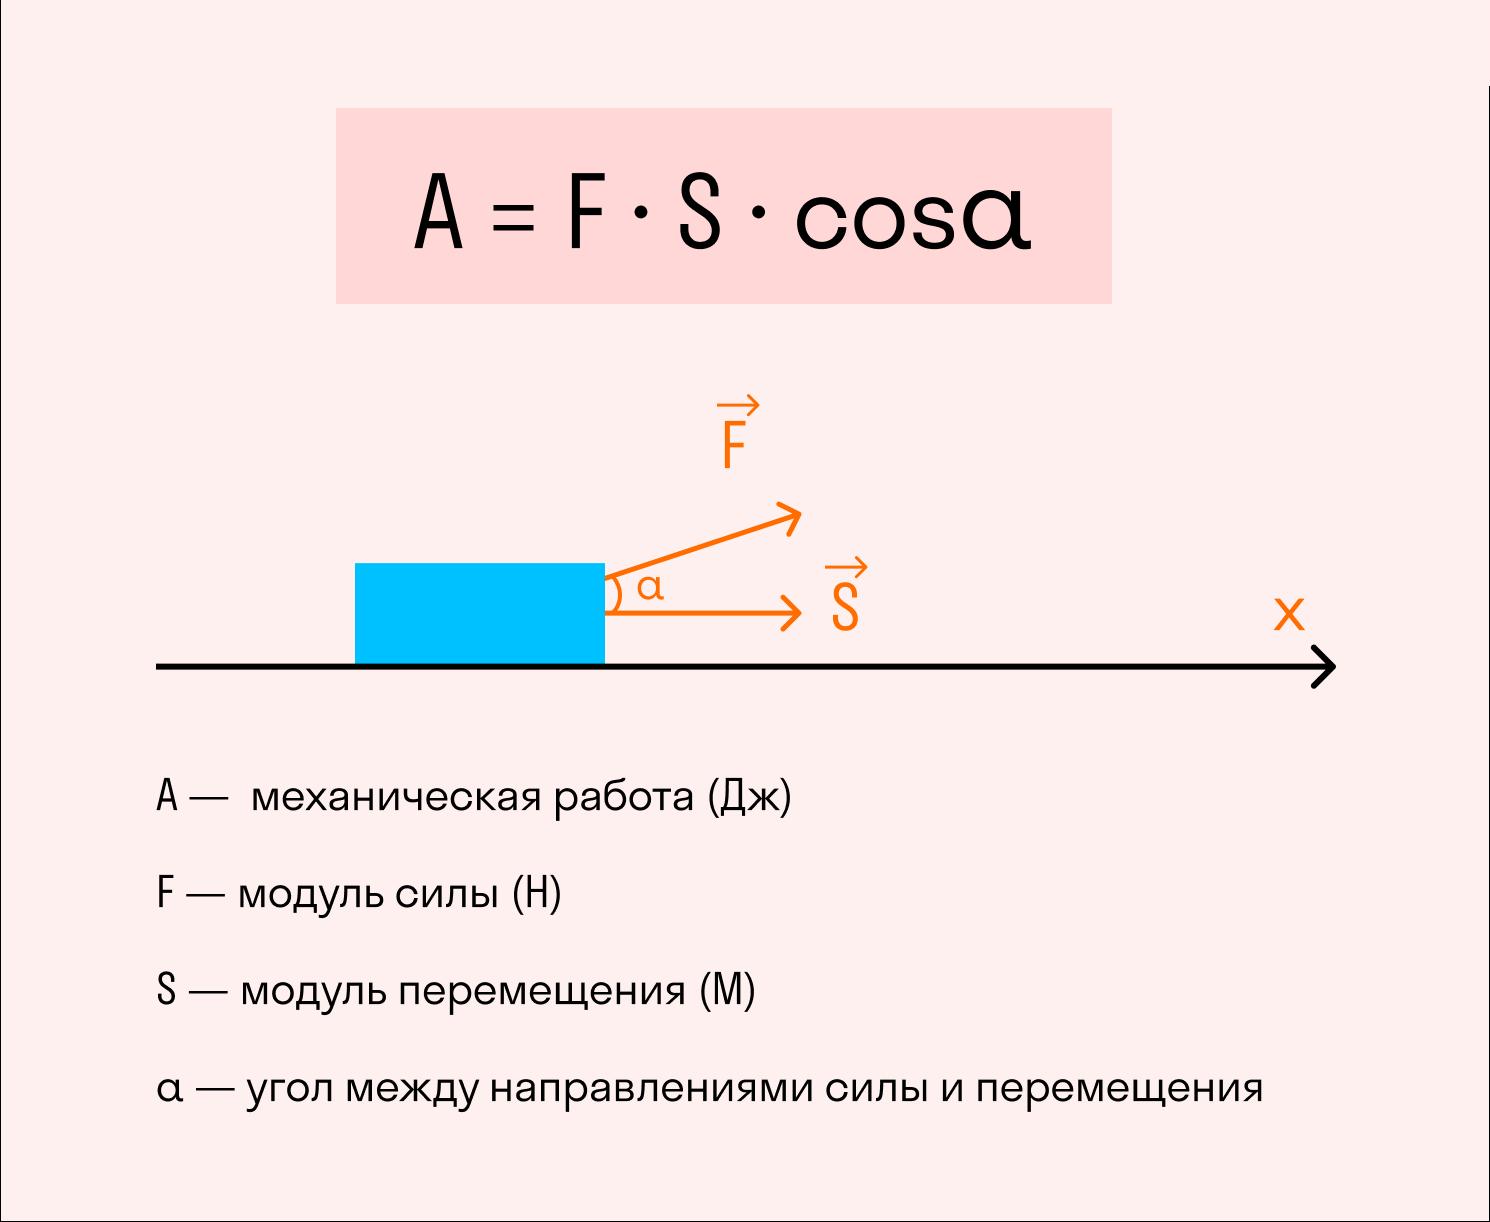 Формула измерения механической работы